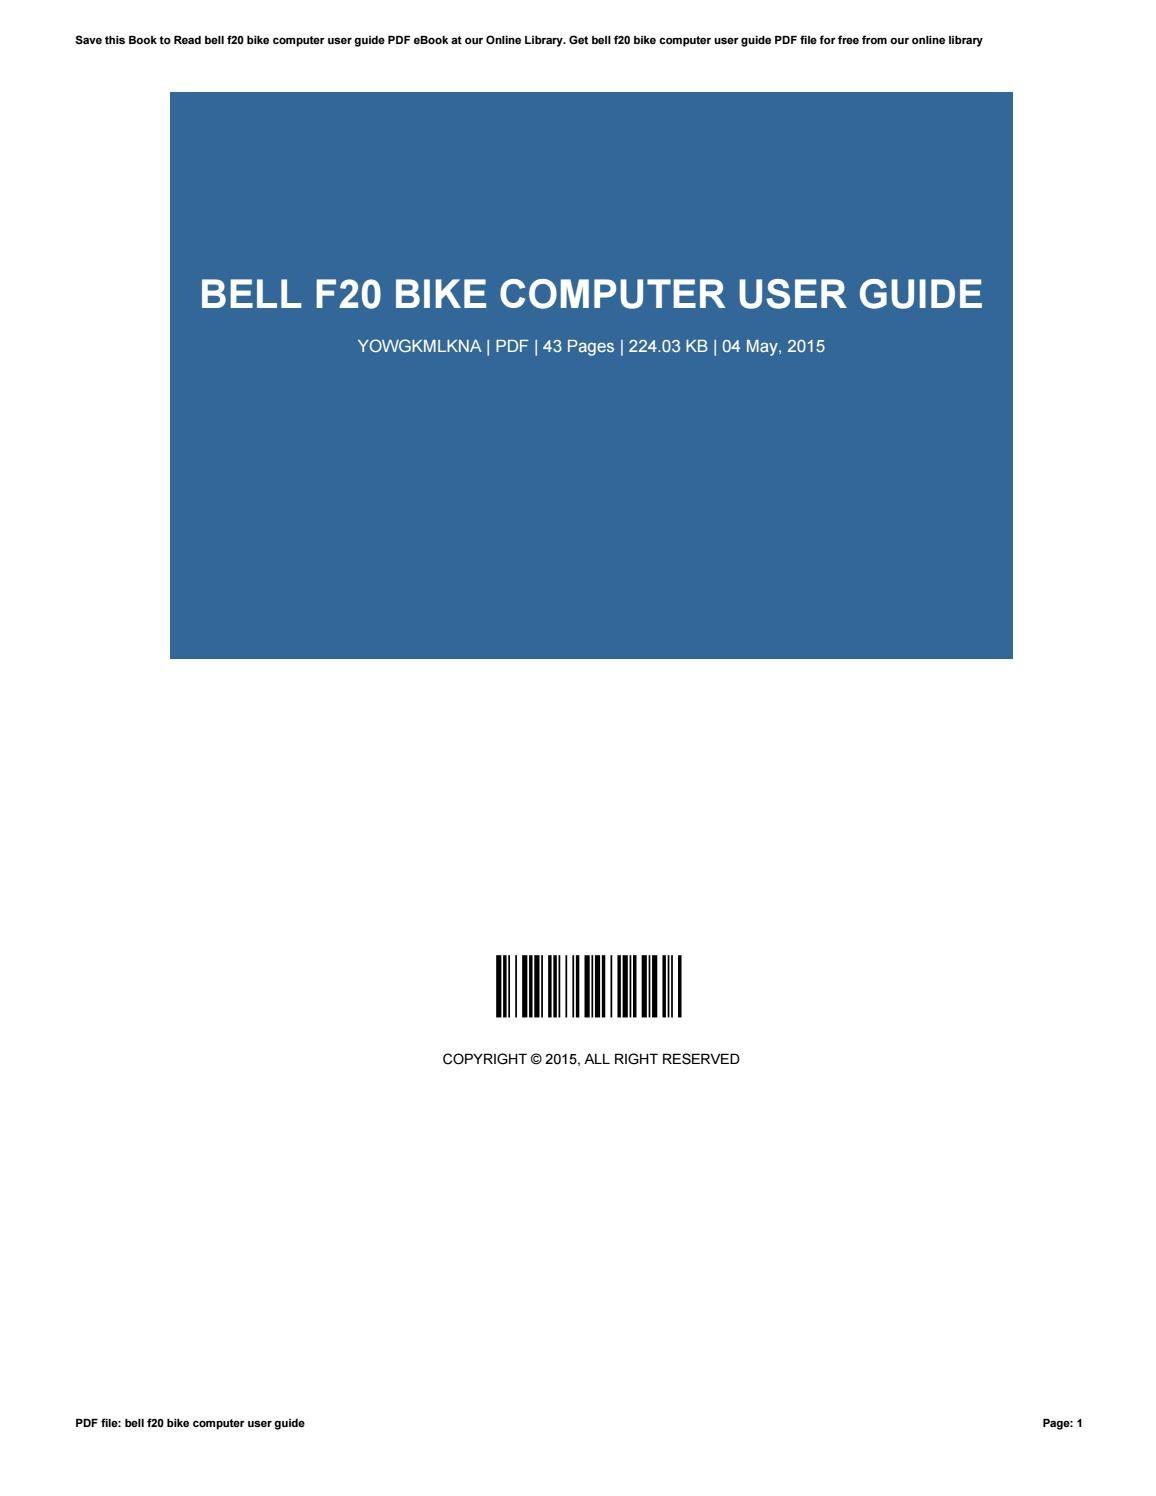 bell f20 bike computer manual pdf